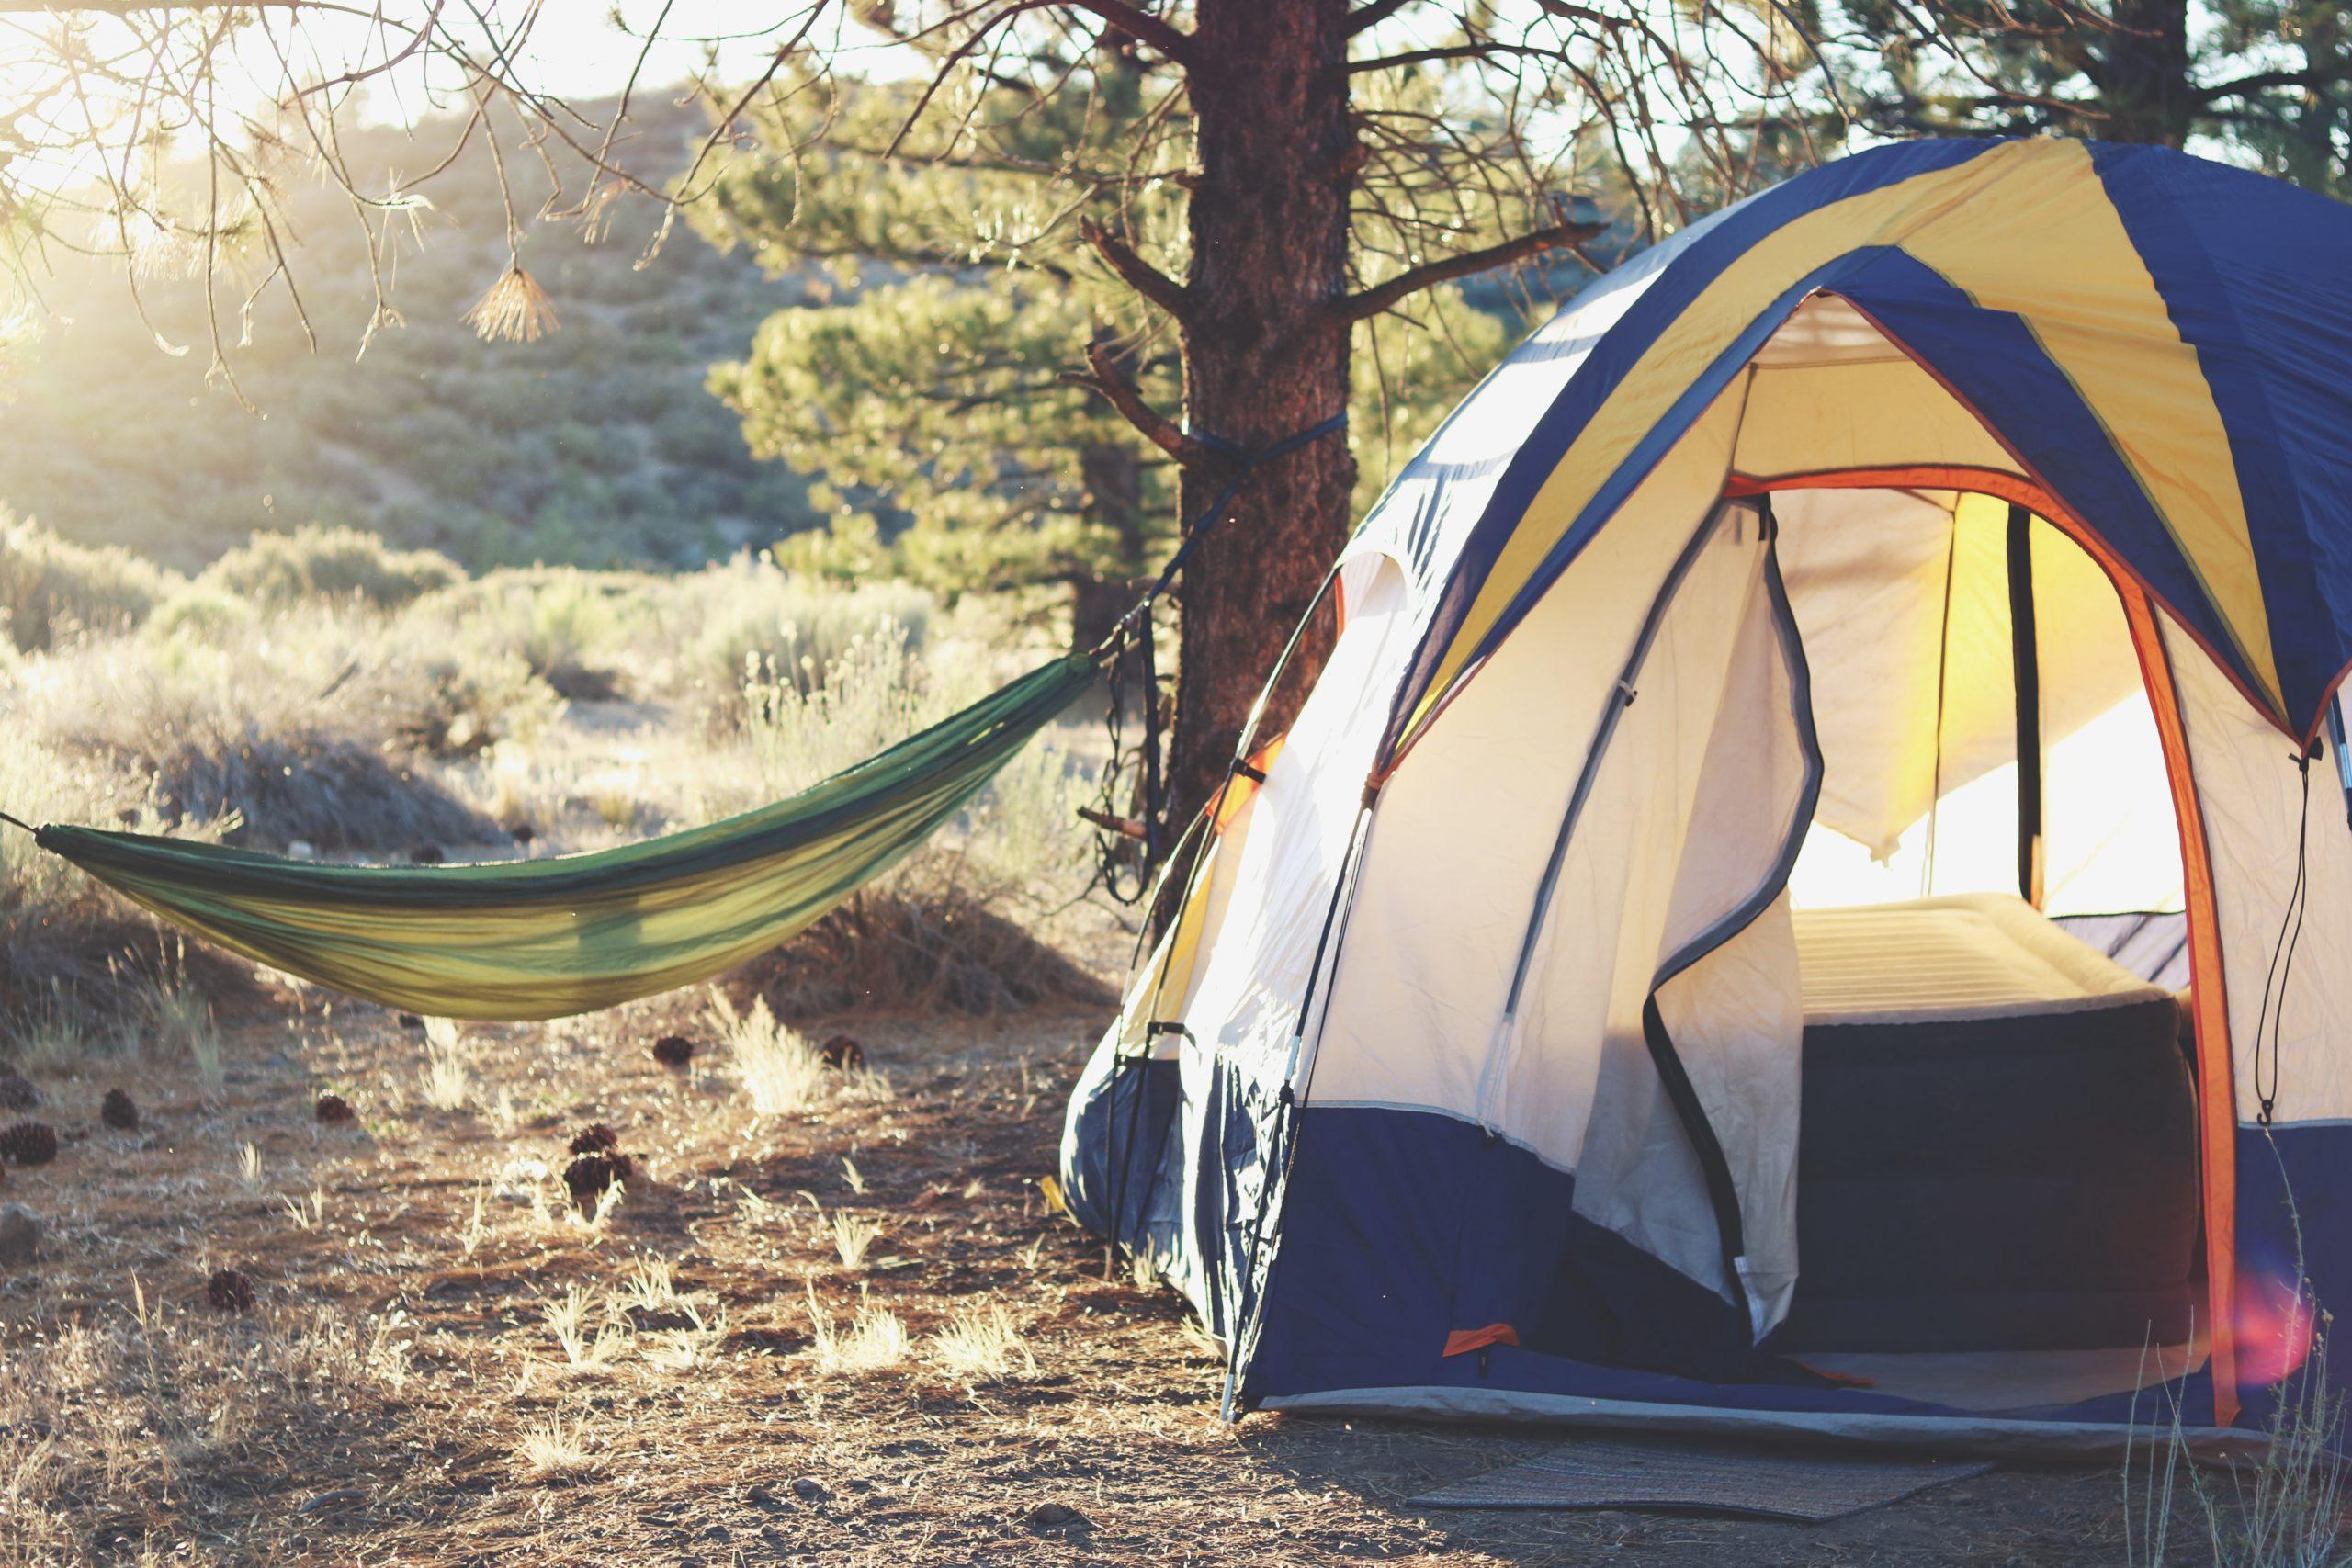 耐水圧とは何?テント購入基準の数値をキャンプ初心者は必ずチェックしよう!